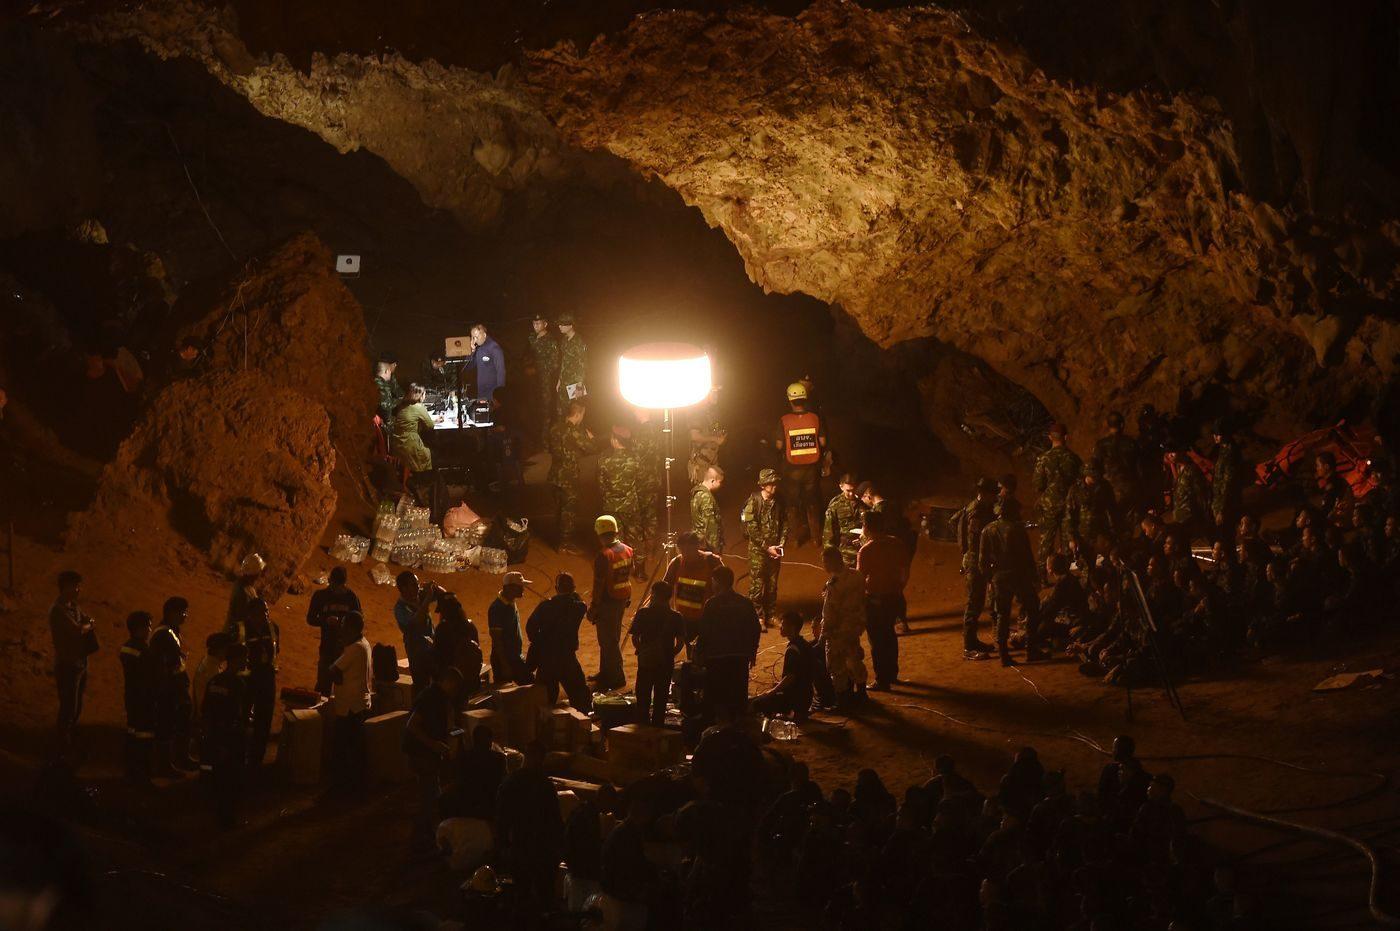 Thailandia, dodici ragazzi intrappolati in una grotta a causa del maltempo